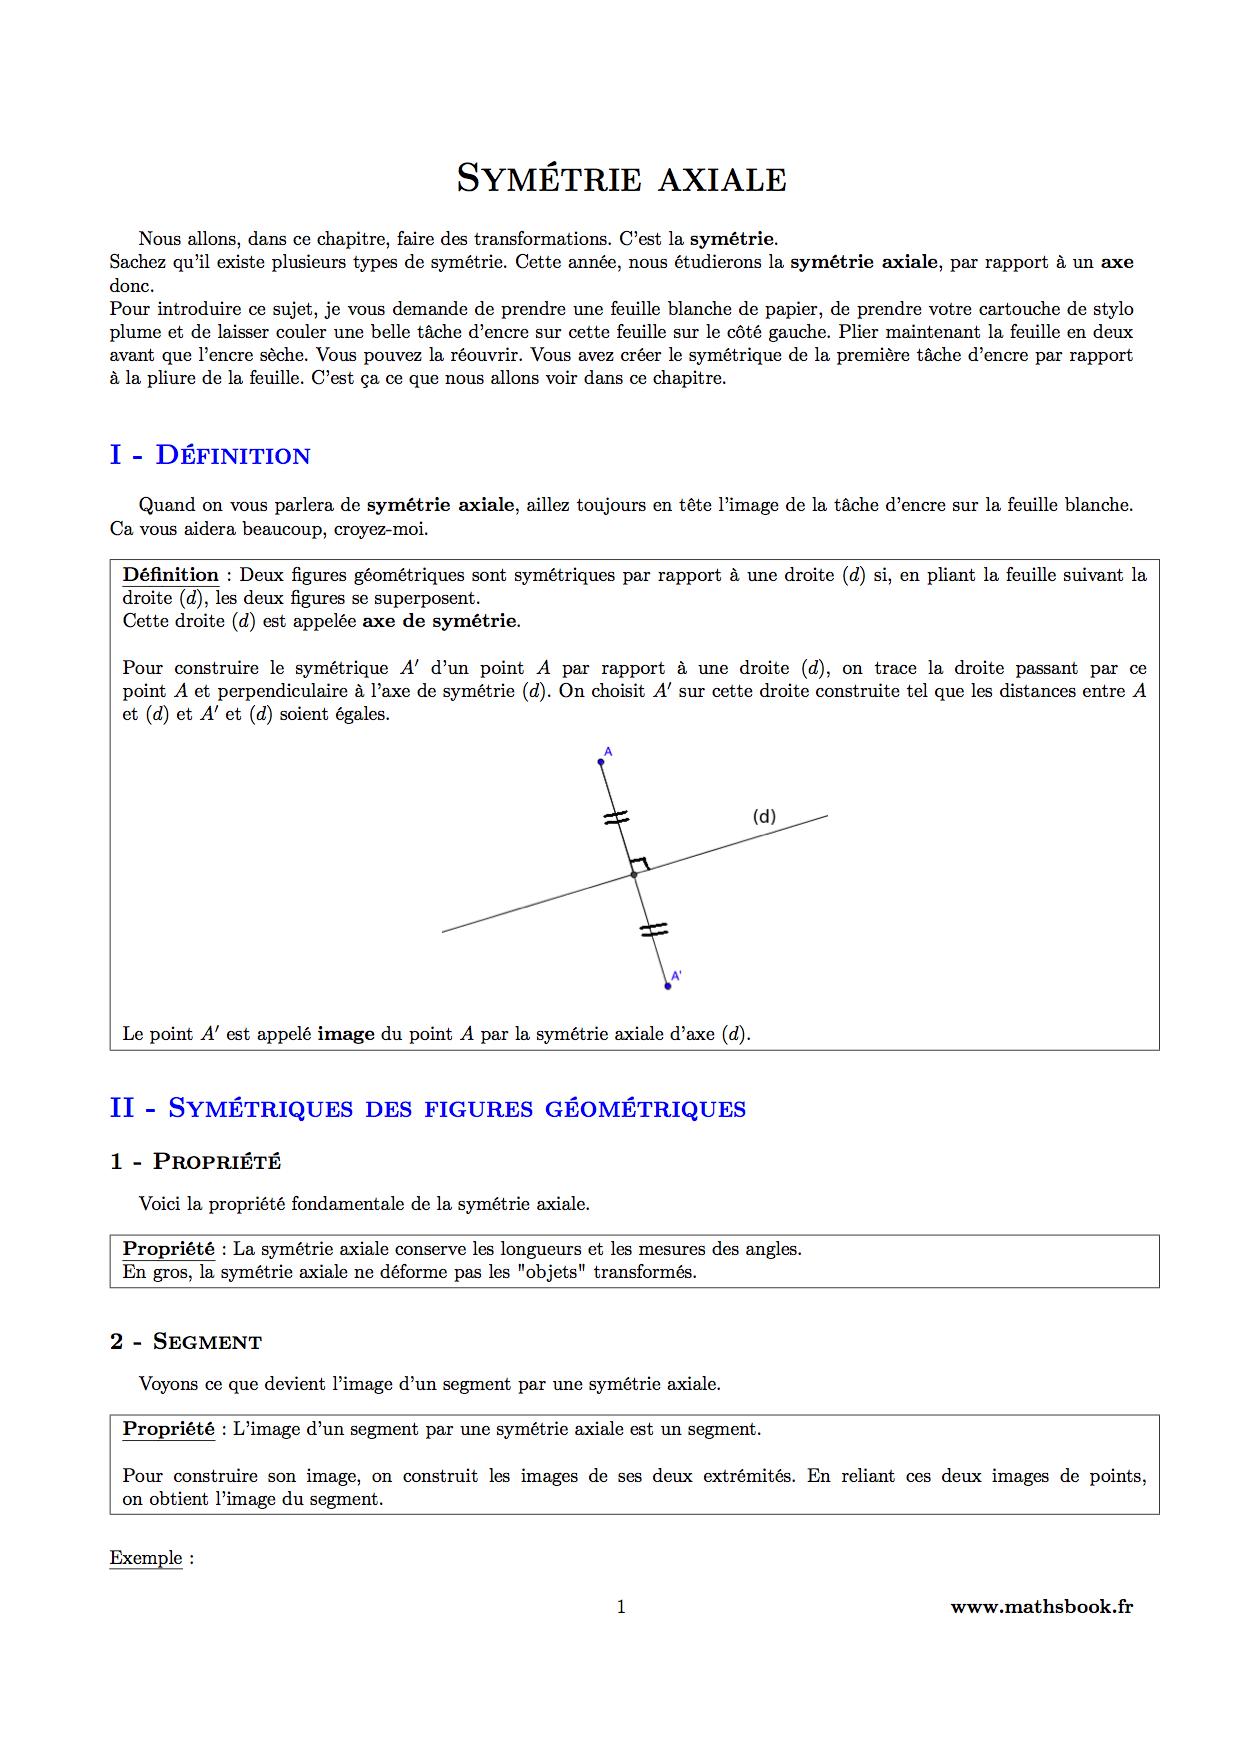 Préférence Symétrie axiale : Cours PDF à imprimer   Maths 6ème PF54